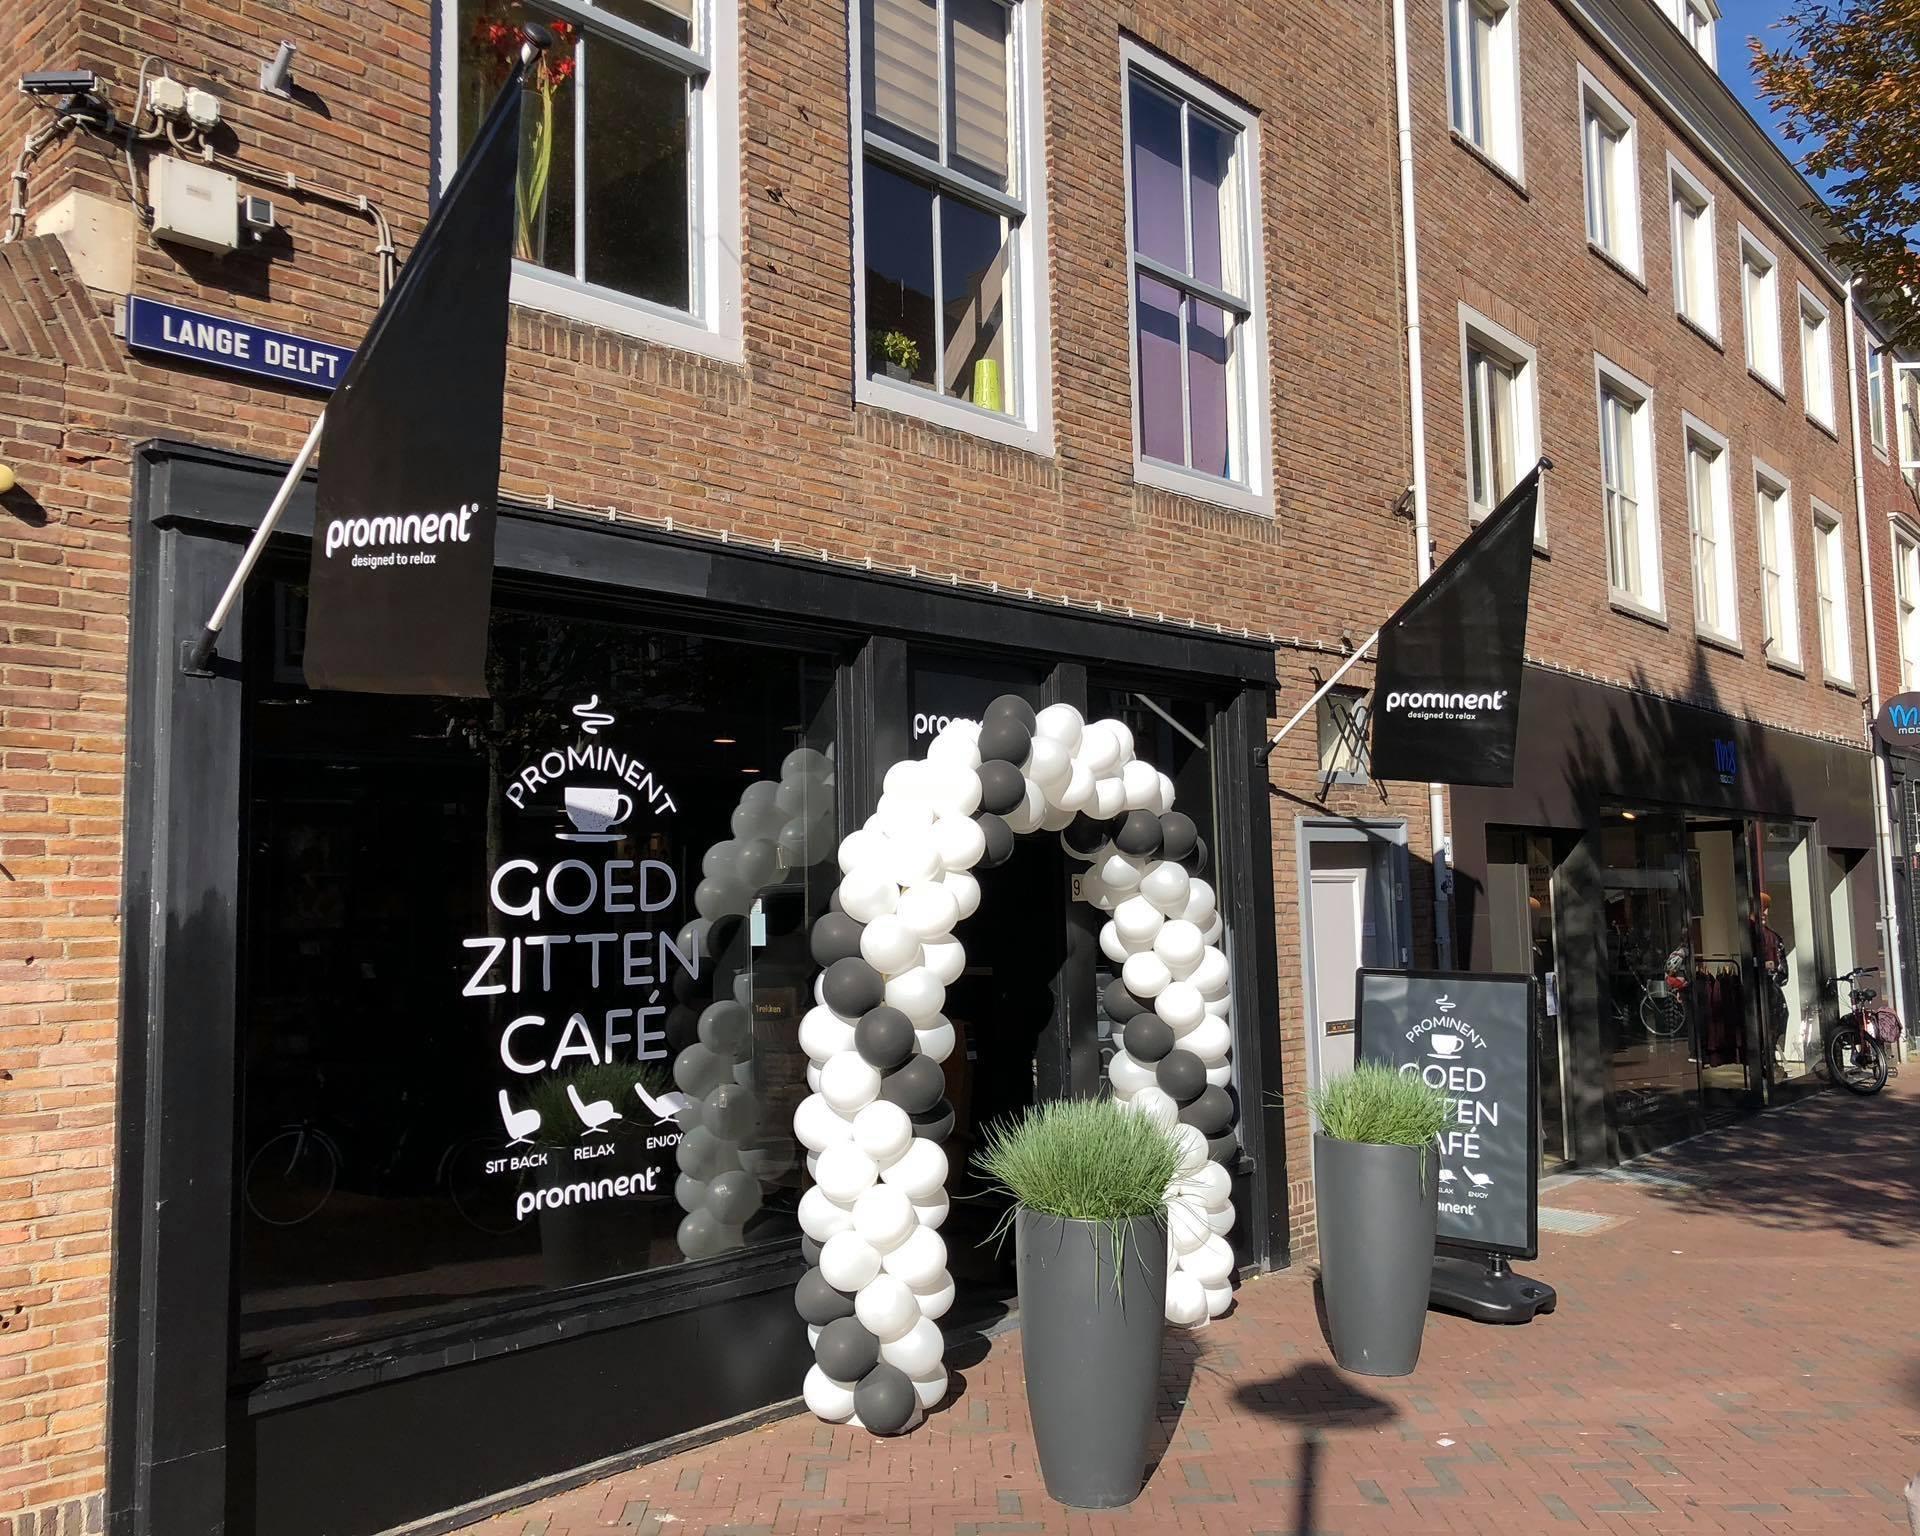 Afbeelding #000 voor het verhaal Terug in de Lange Delft: het Prominent Goed Zitten Café